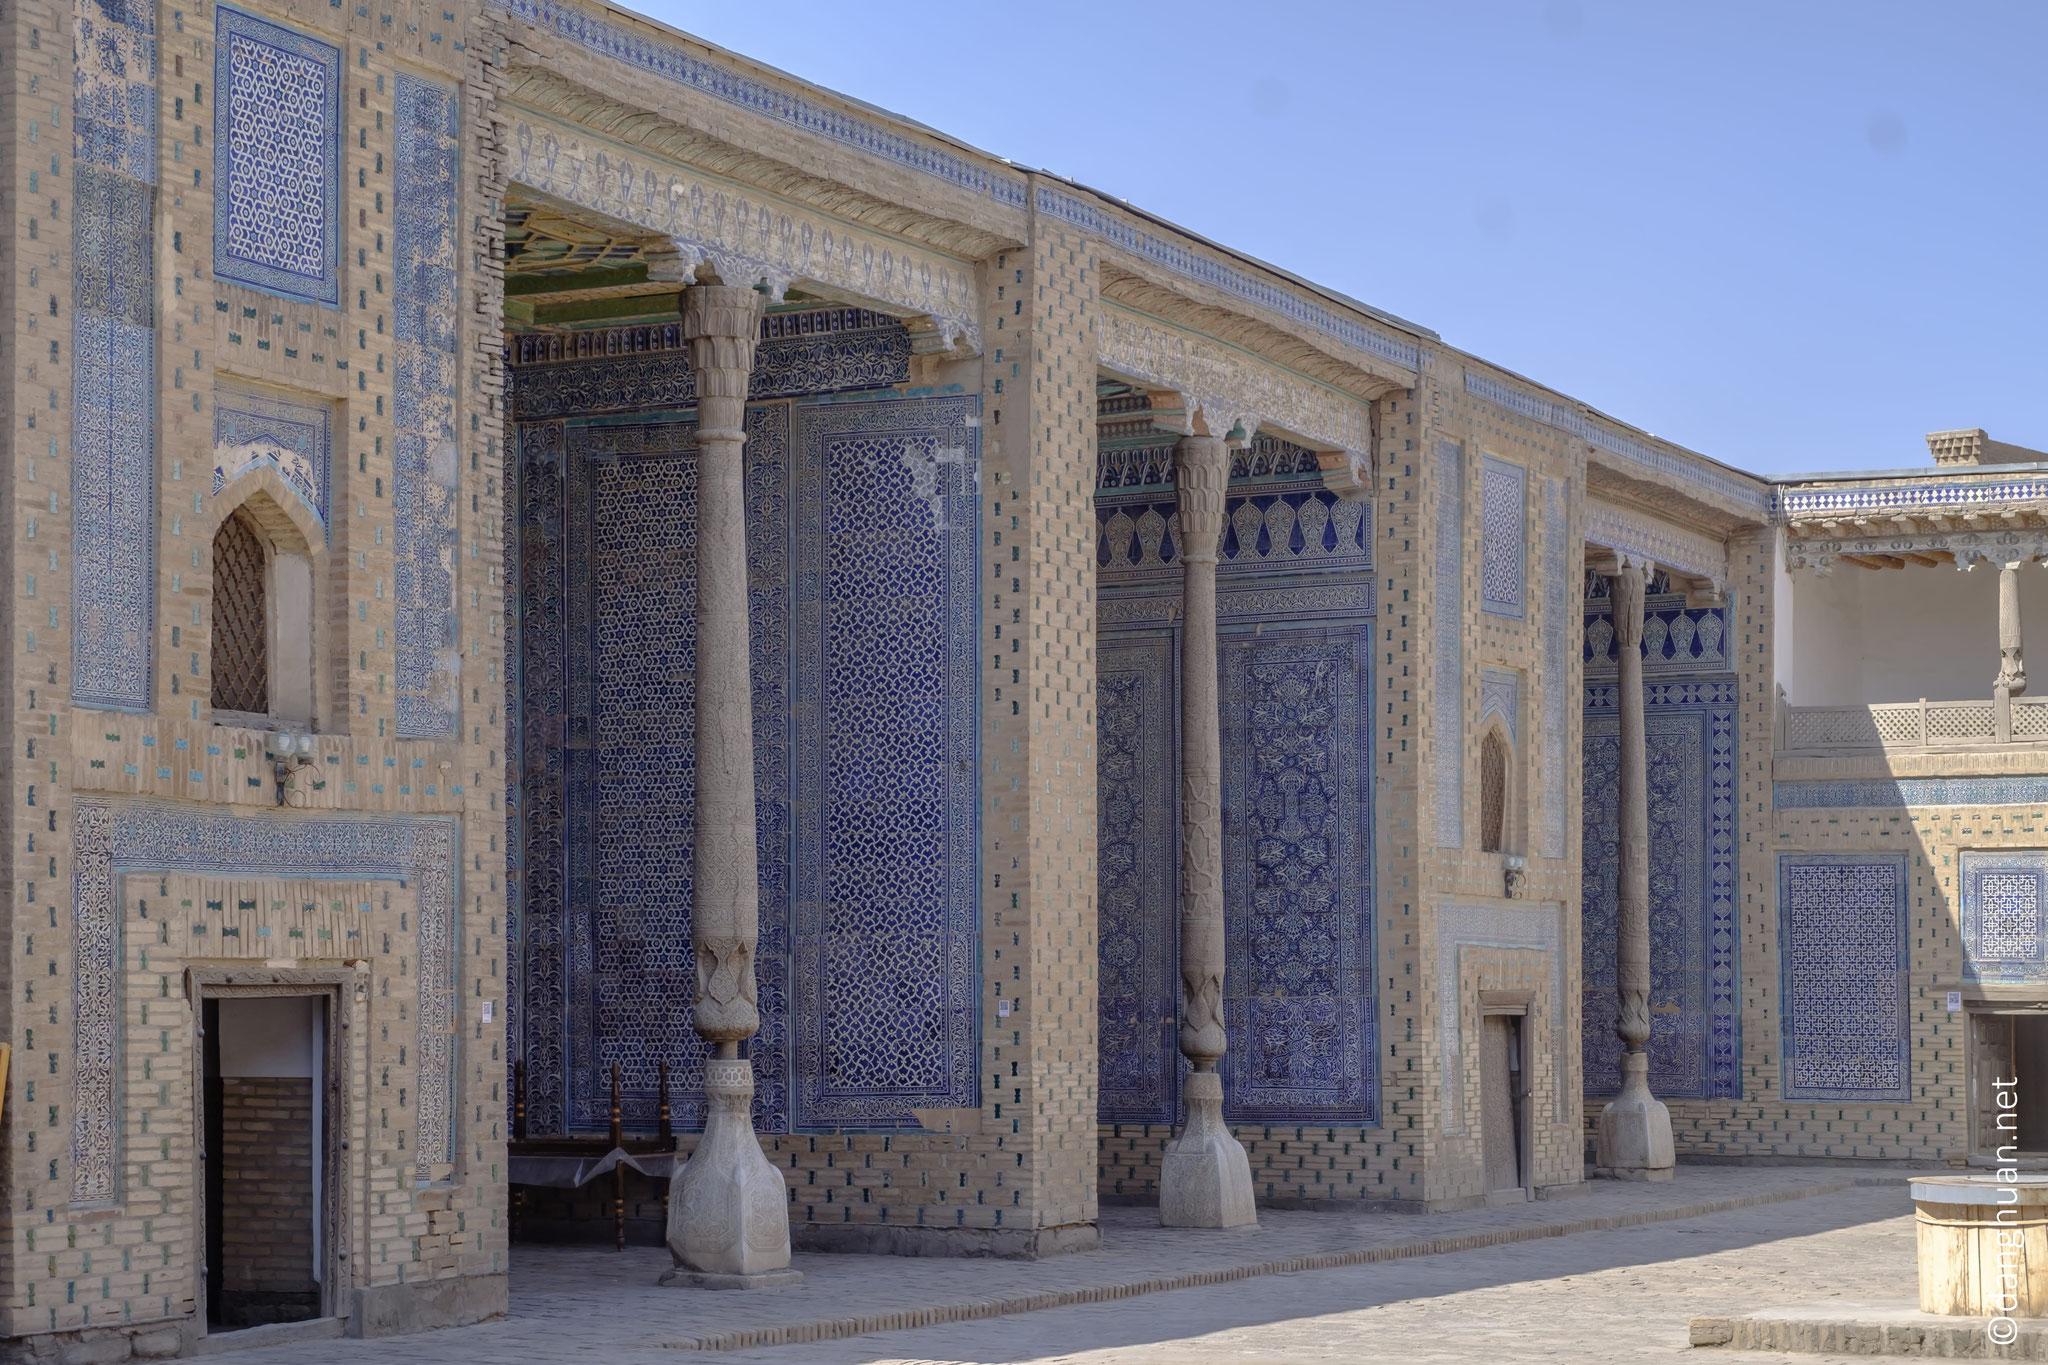 le Palais de Tosh-Khovli ou le Harem, construit entre 1832 et 1841,  comportait plus de 150 pièces